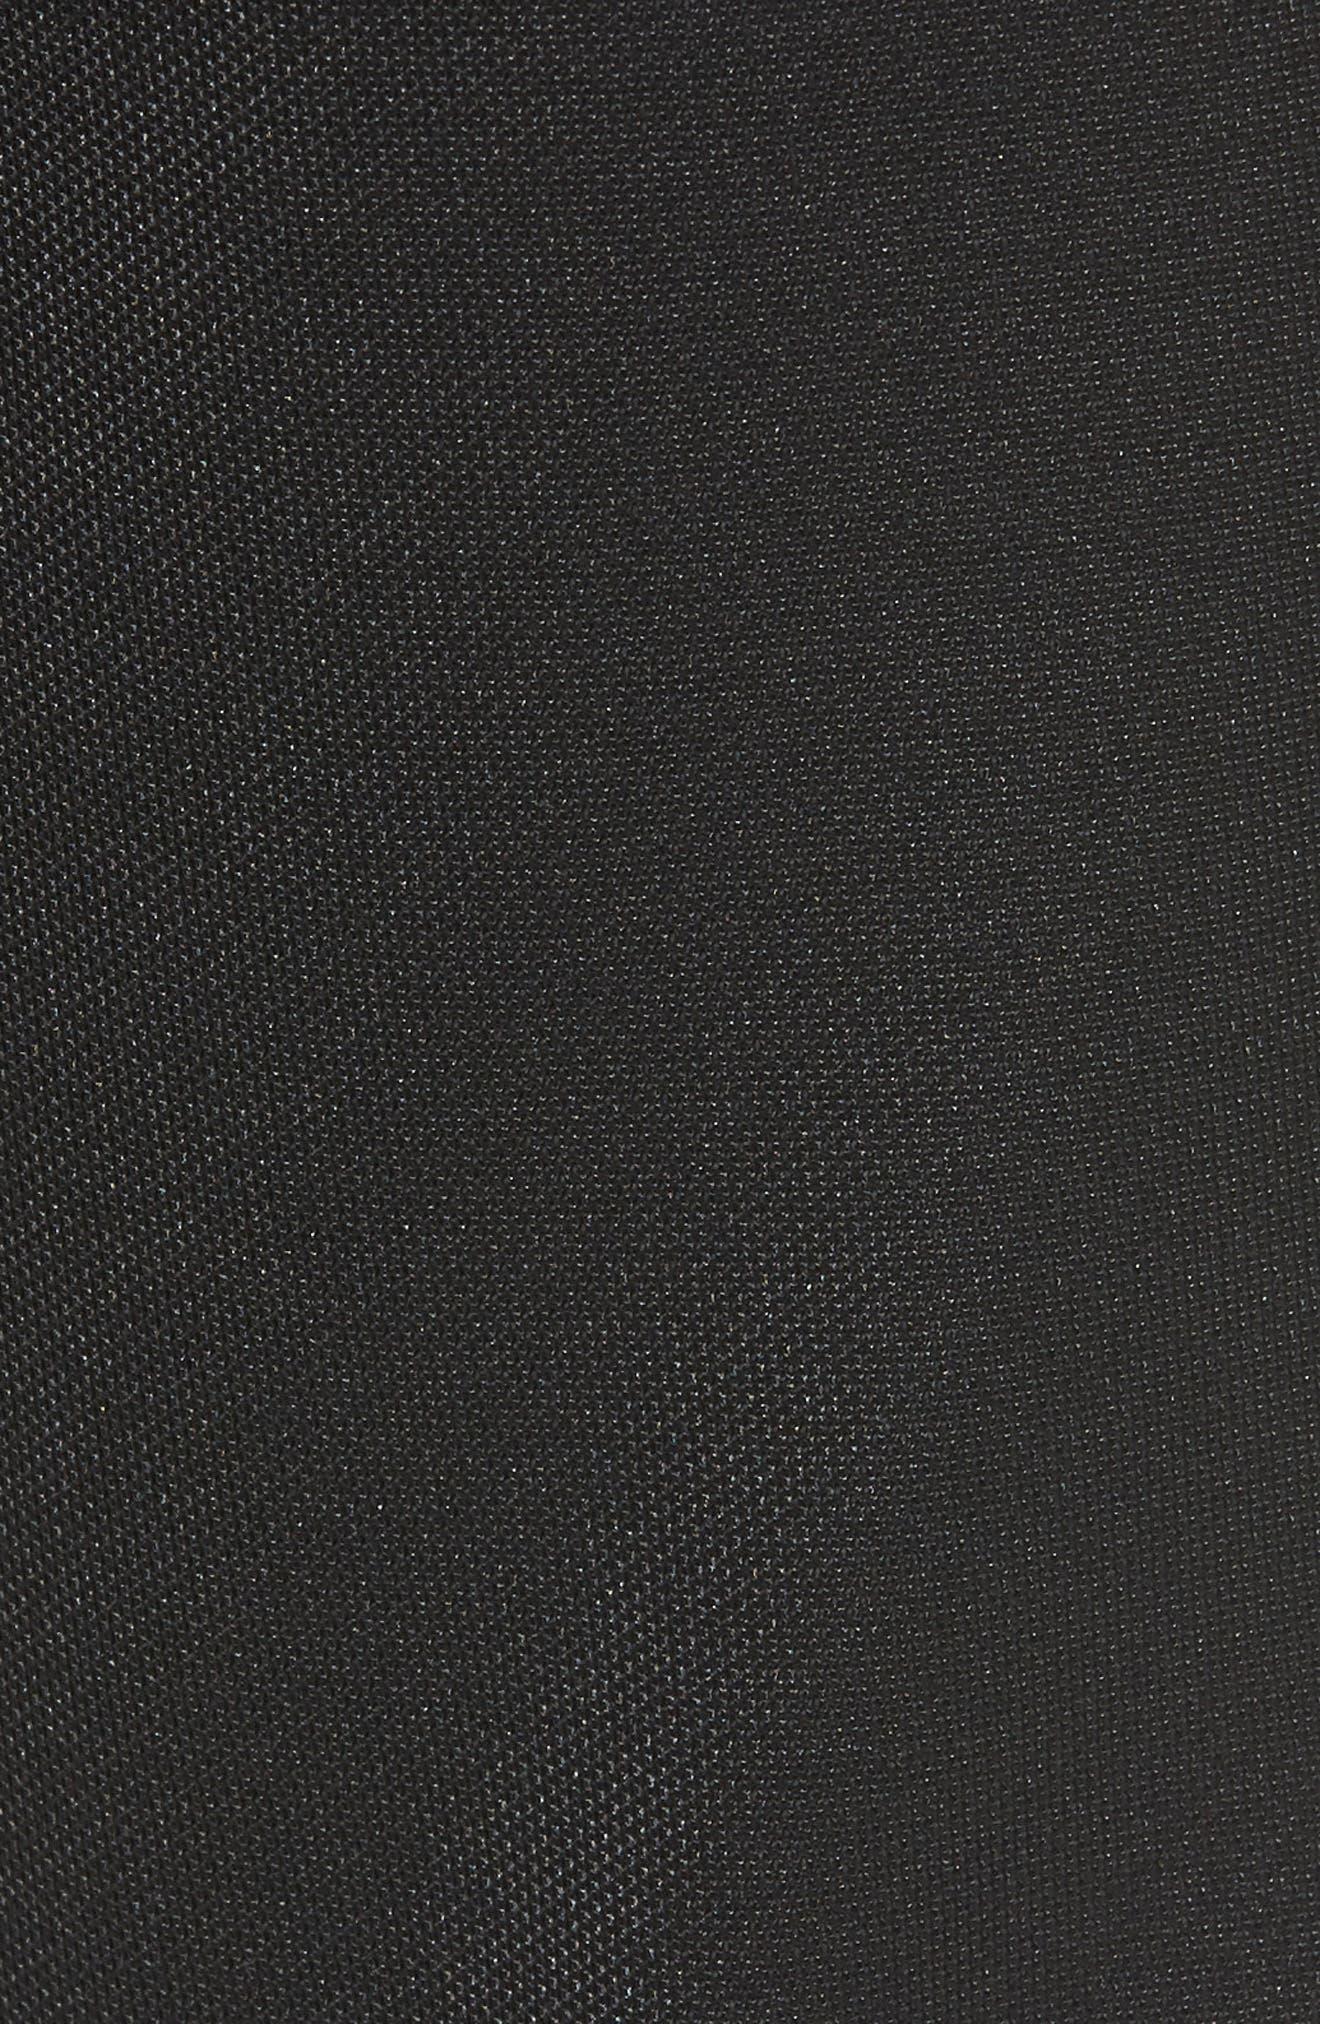 Casual Regular Fit Sweatpants,                             Alternate thumbnail 5, color,                             001